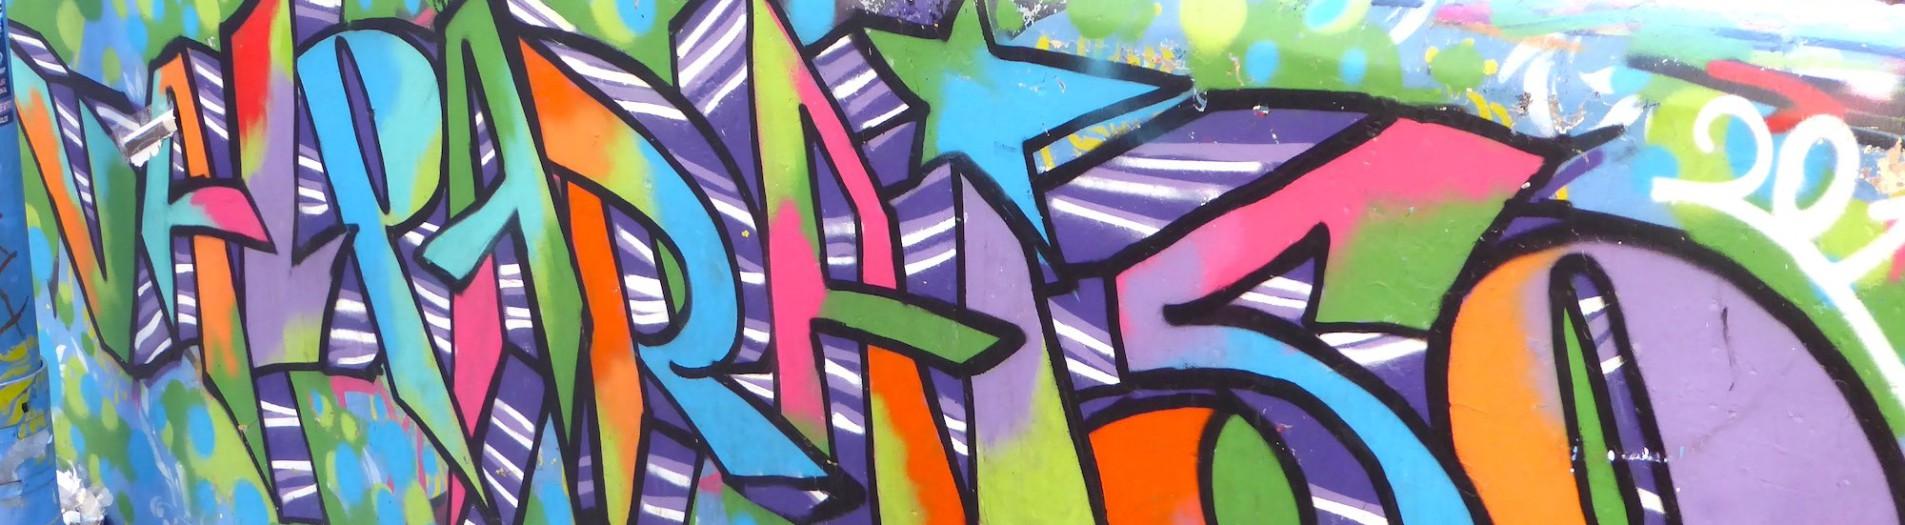 Valparaiso, Chile - A grafitti covered City!